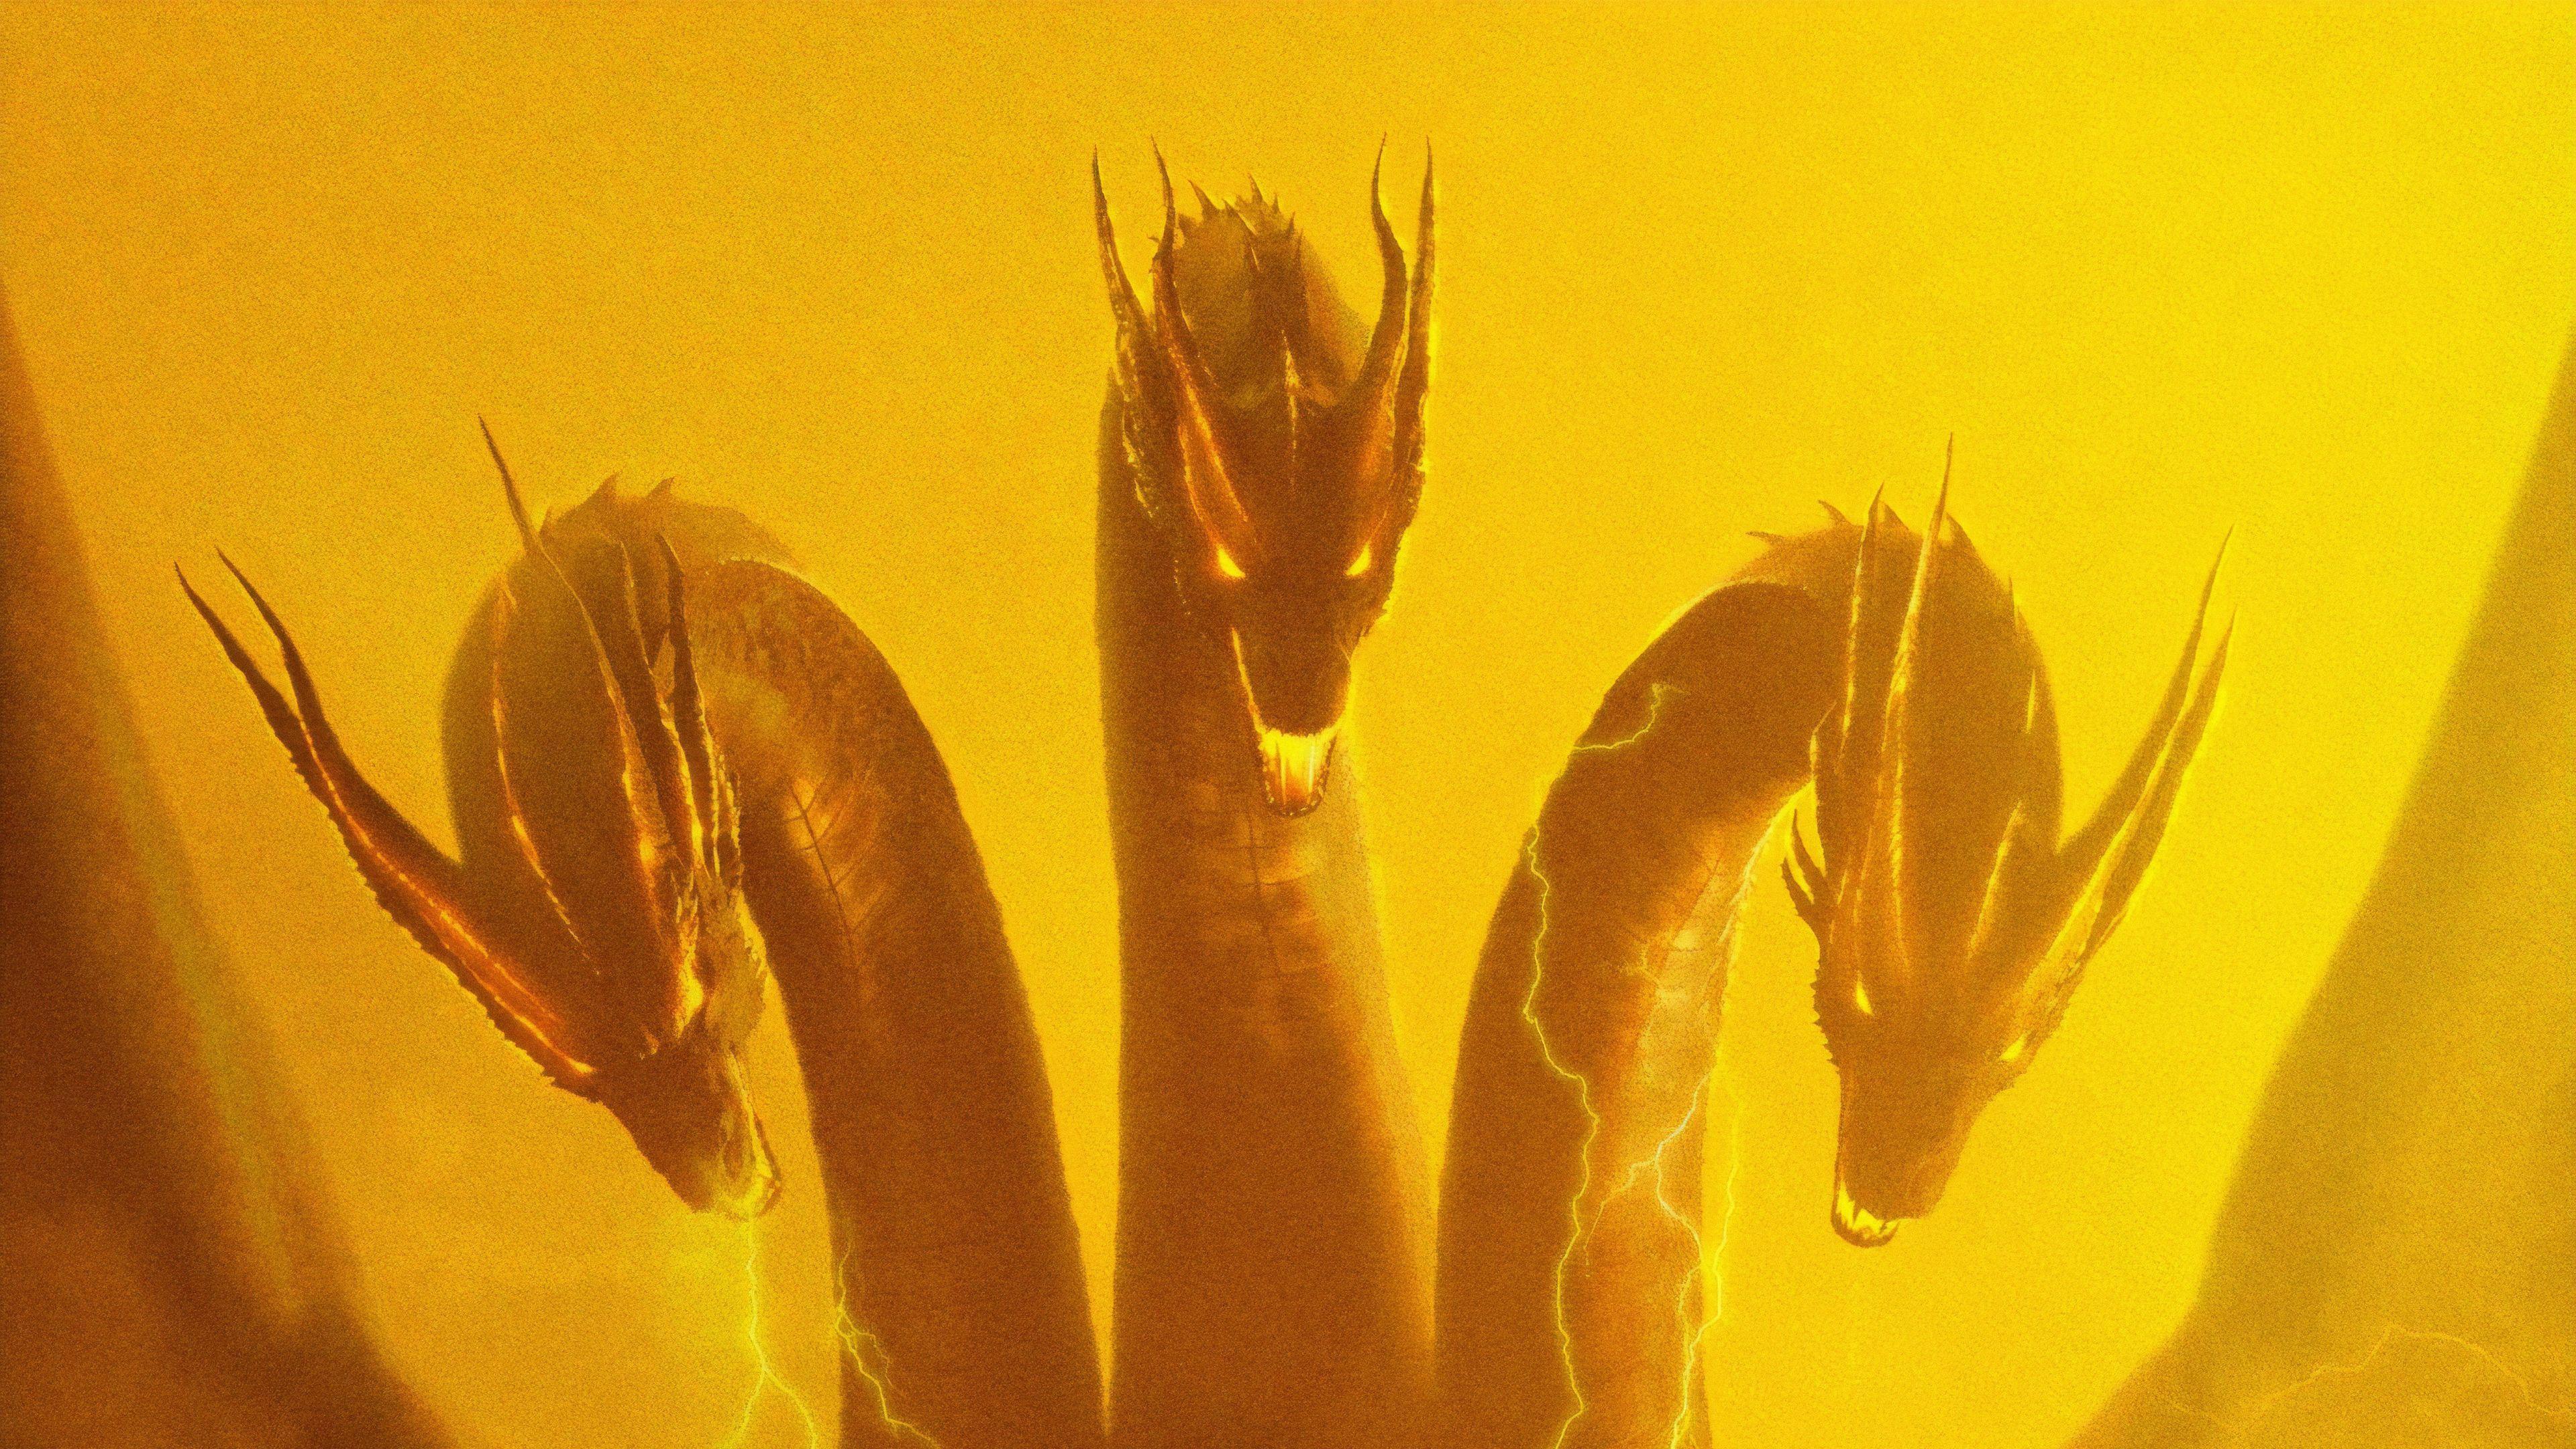 Godzilla 2019 Wallpapers - Top Free Godzilla 2019 ...